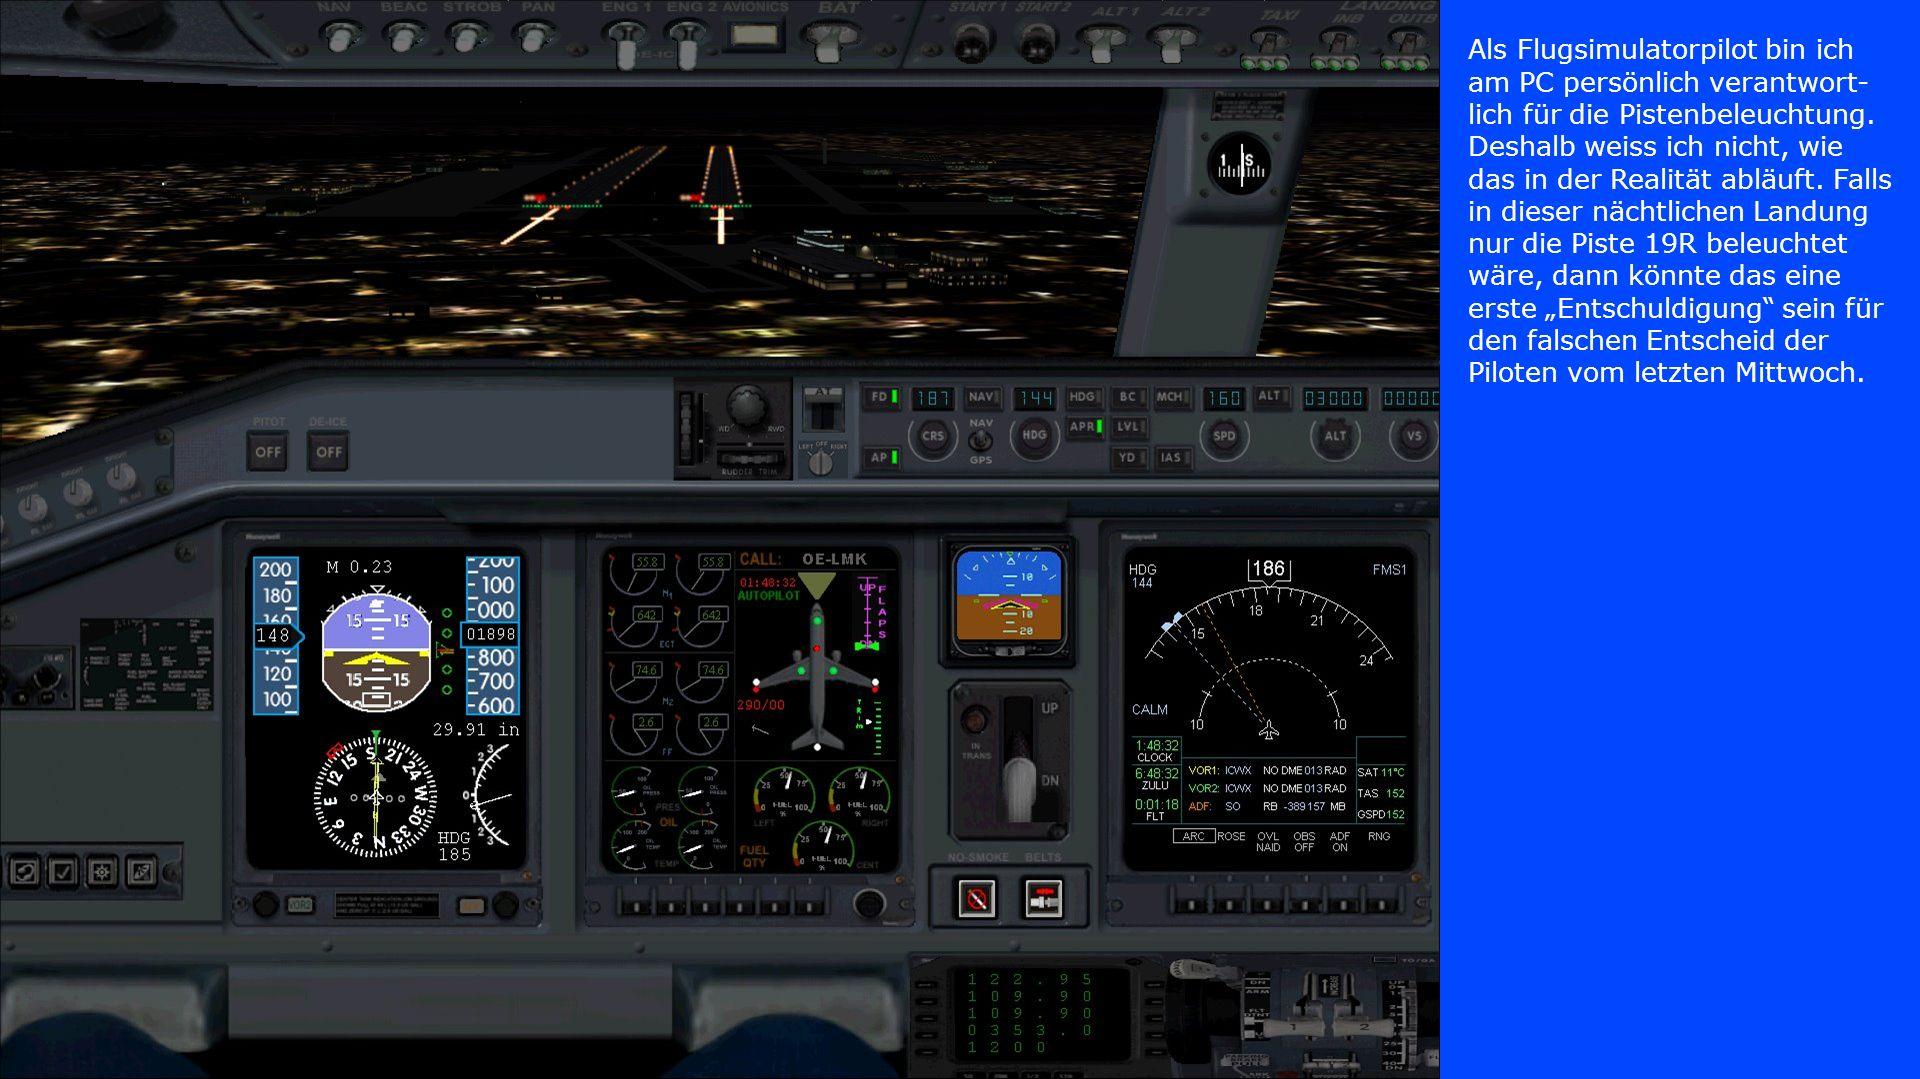 Als Flugsimulatorpilot bin ich am PC persönlich verantwort- lich für die Pistenbeleuchtung. Deshalb weiss ich nicht, wie das in der Realität abläuft.